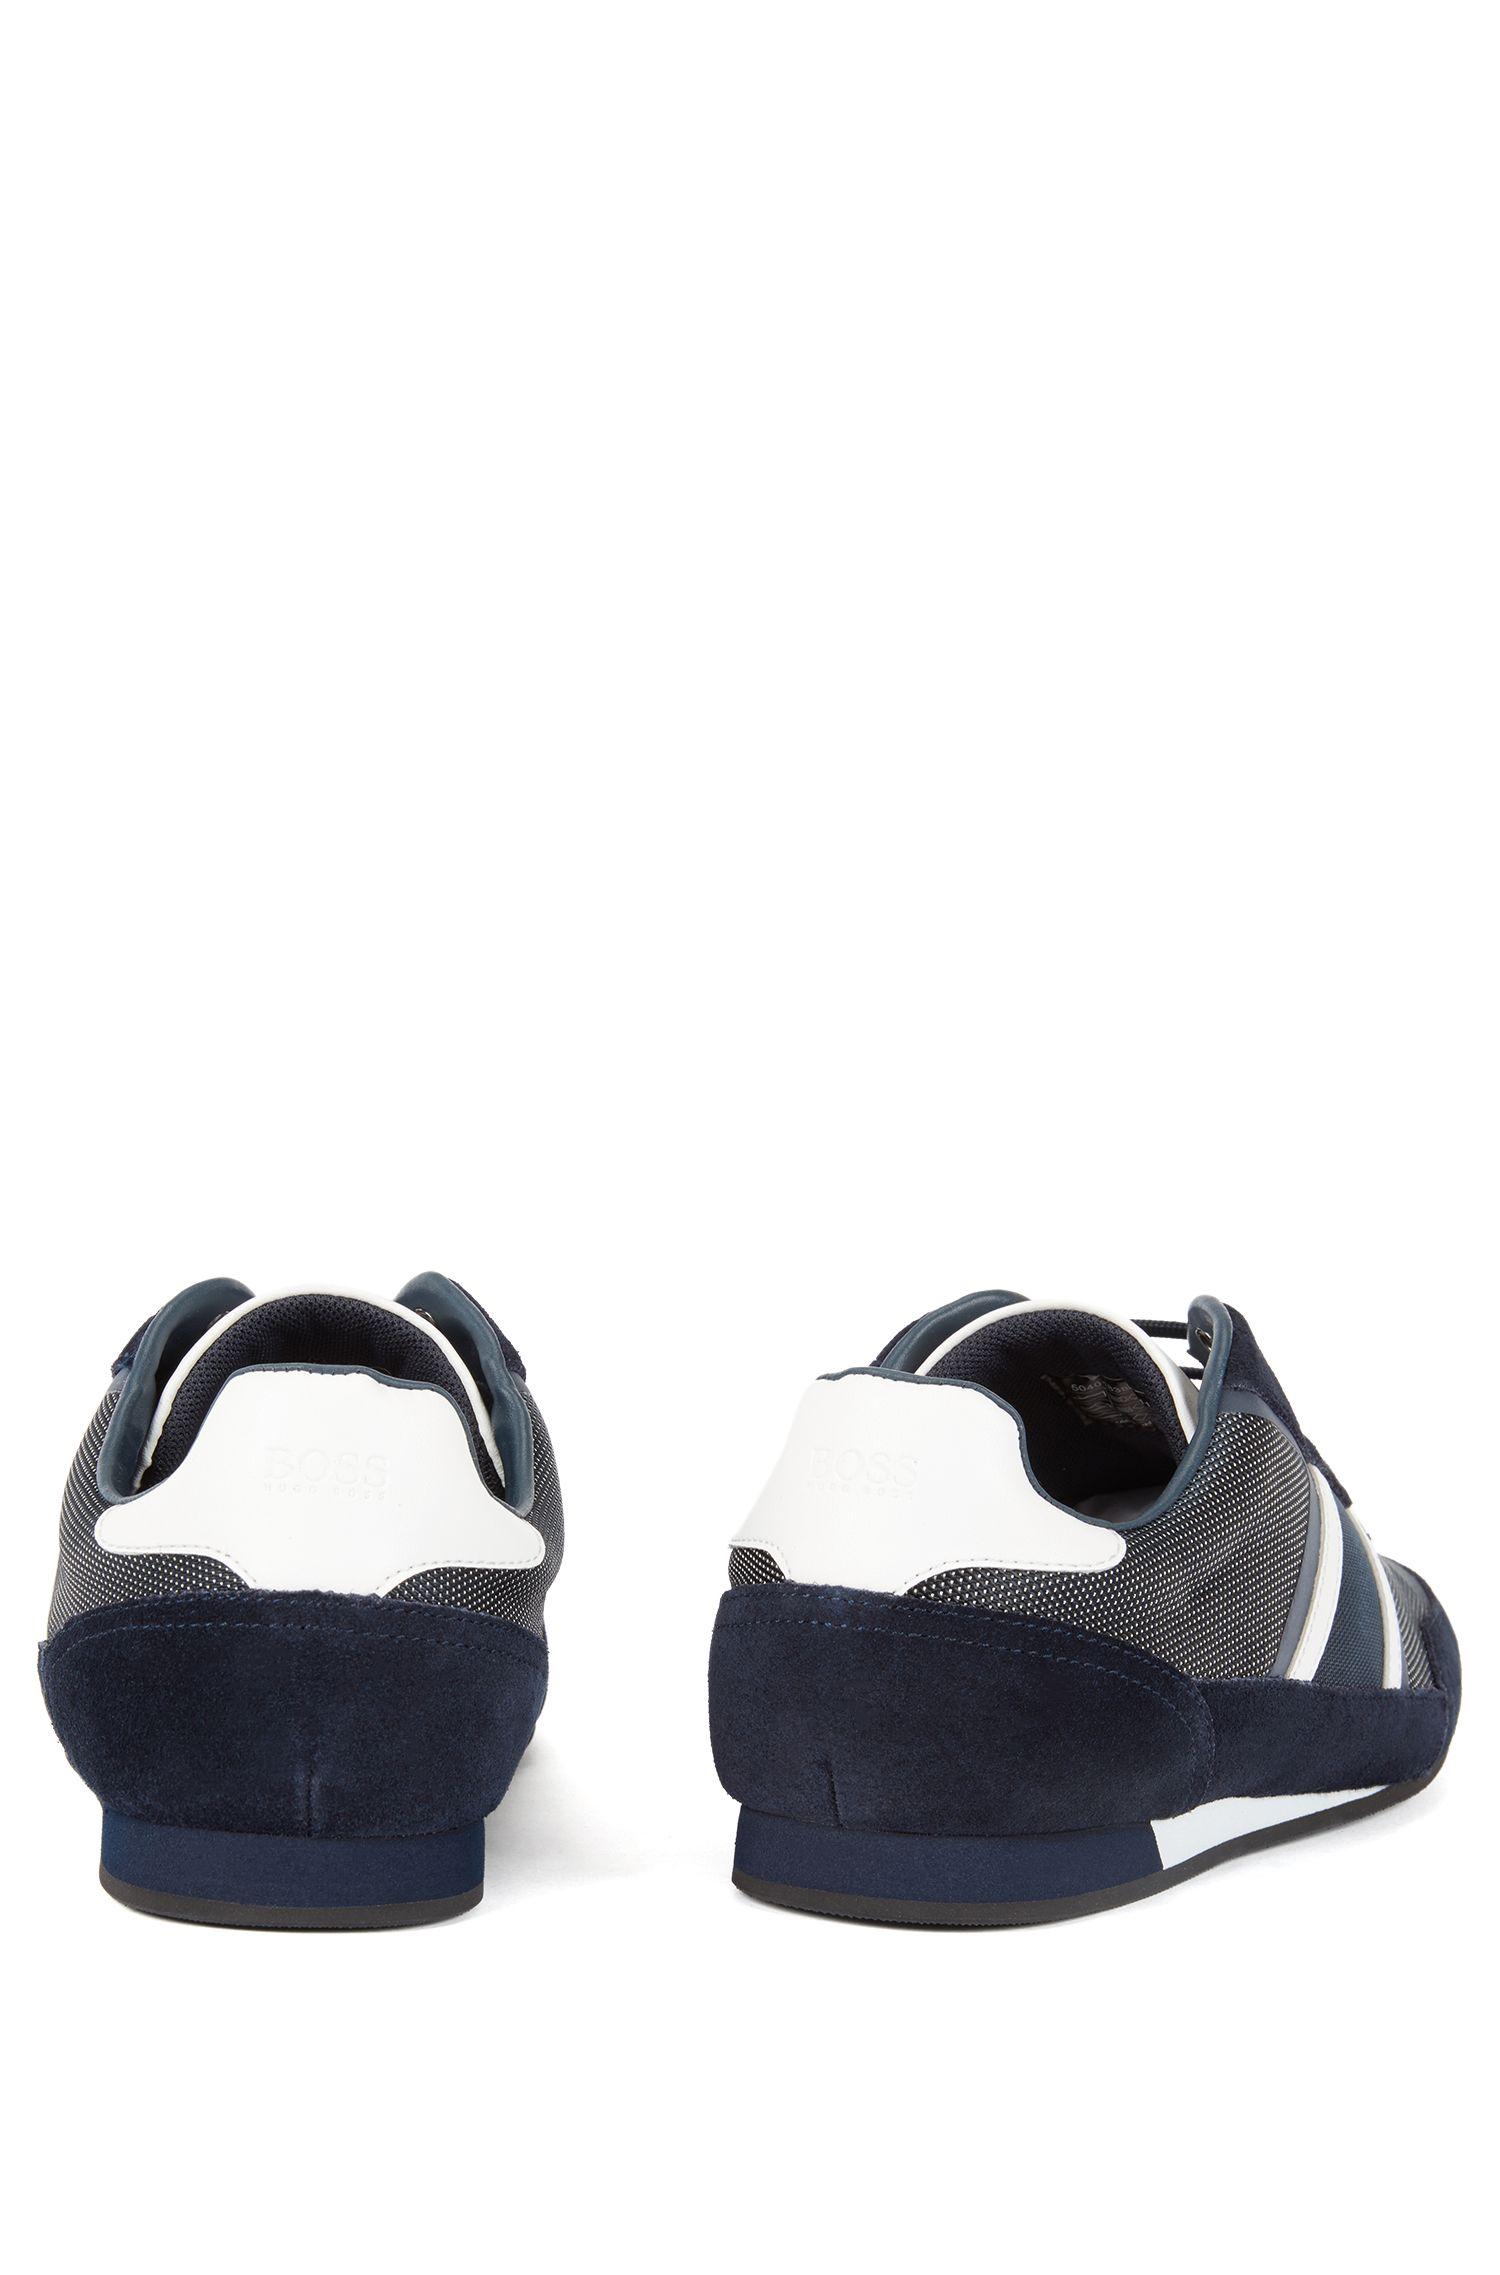 Baskets basses en daim et tissu technique, Bleu foncé